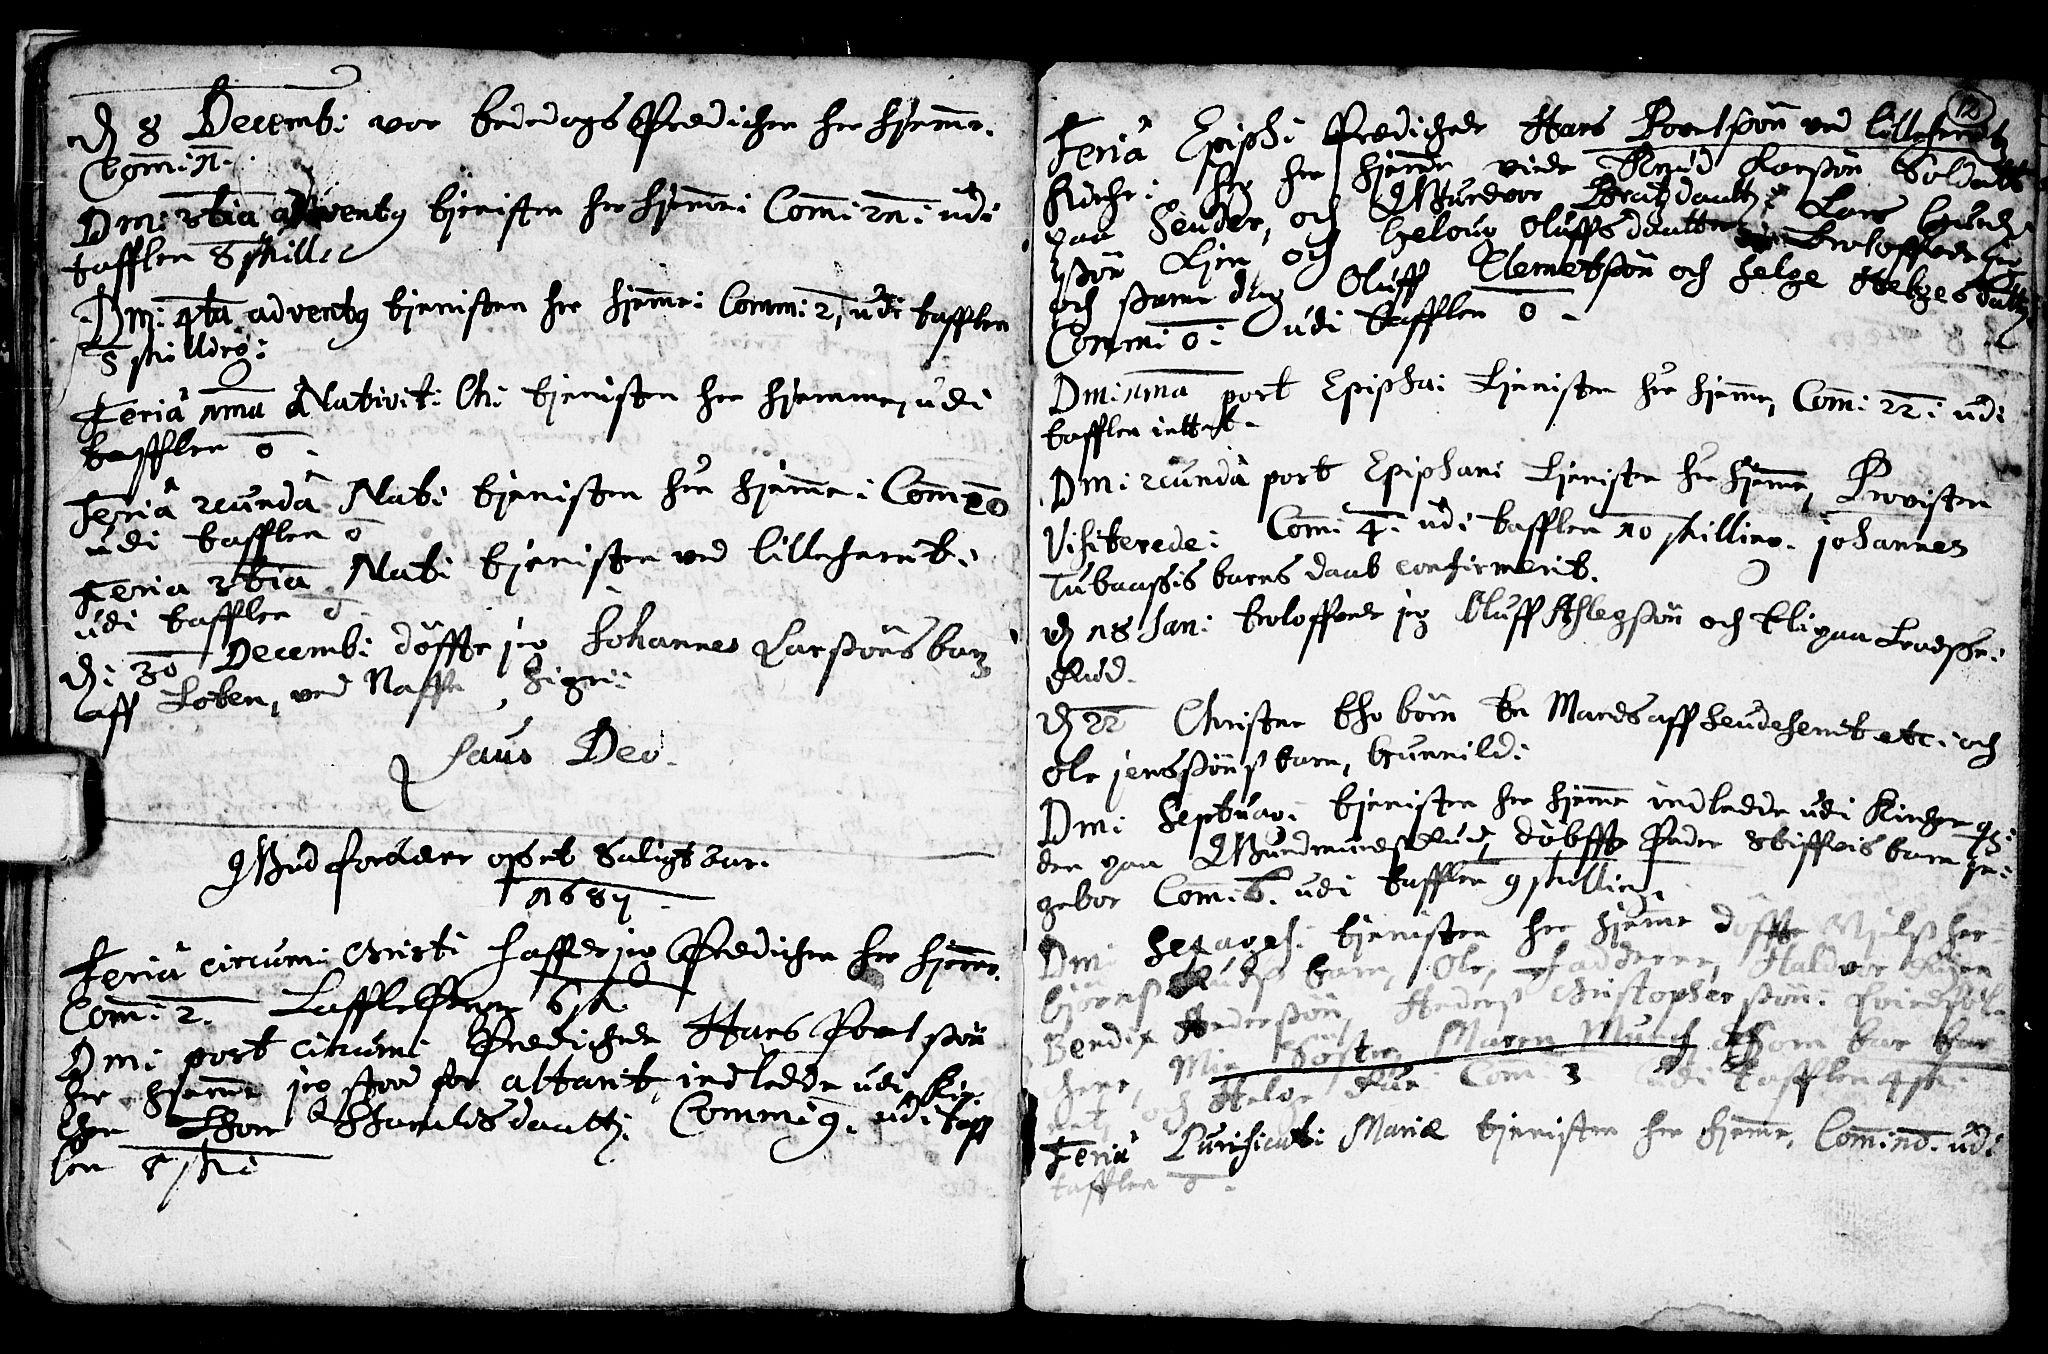 SAKO, Heddal kirkebøker, F/Fa/L0001: Ministerialbok nr. I 1, 1648-1699, s. 12